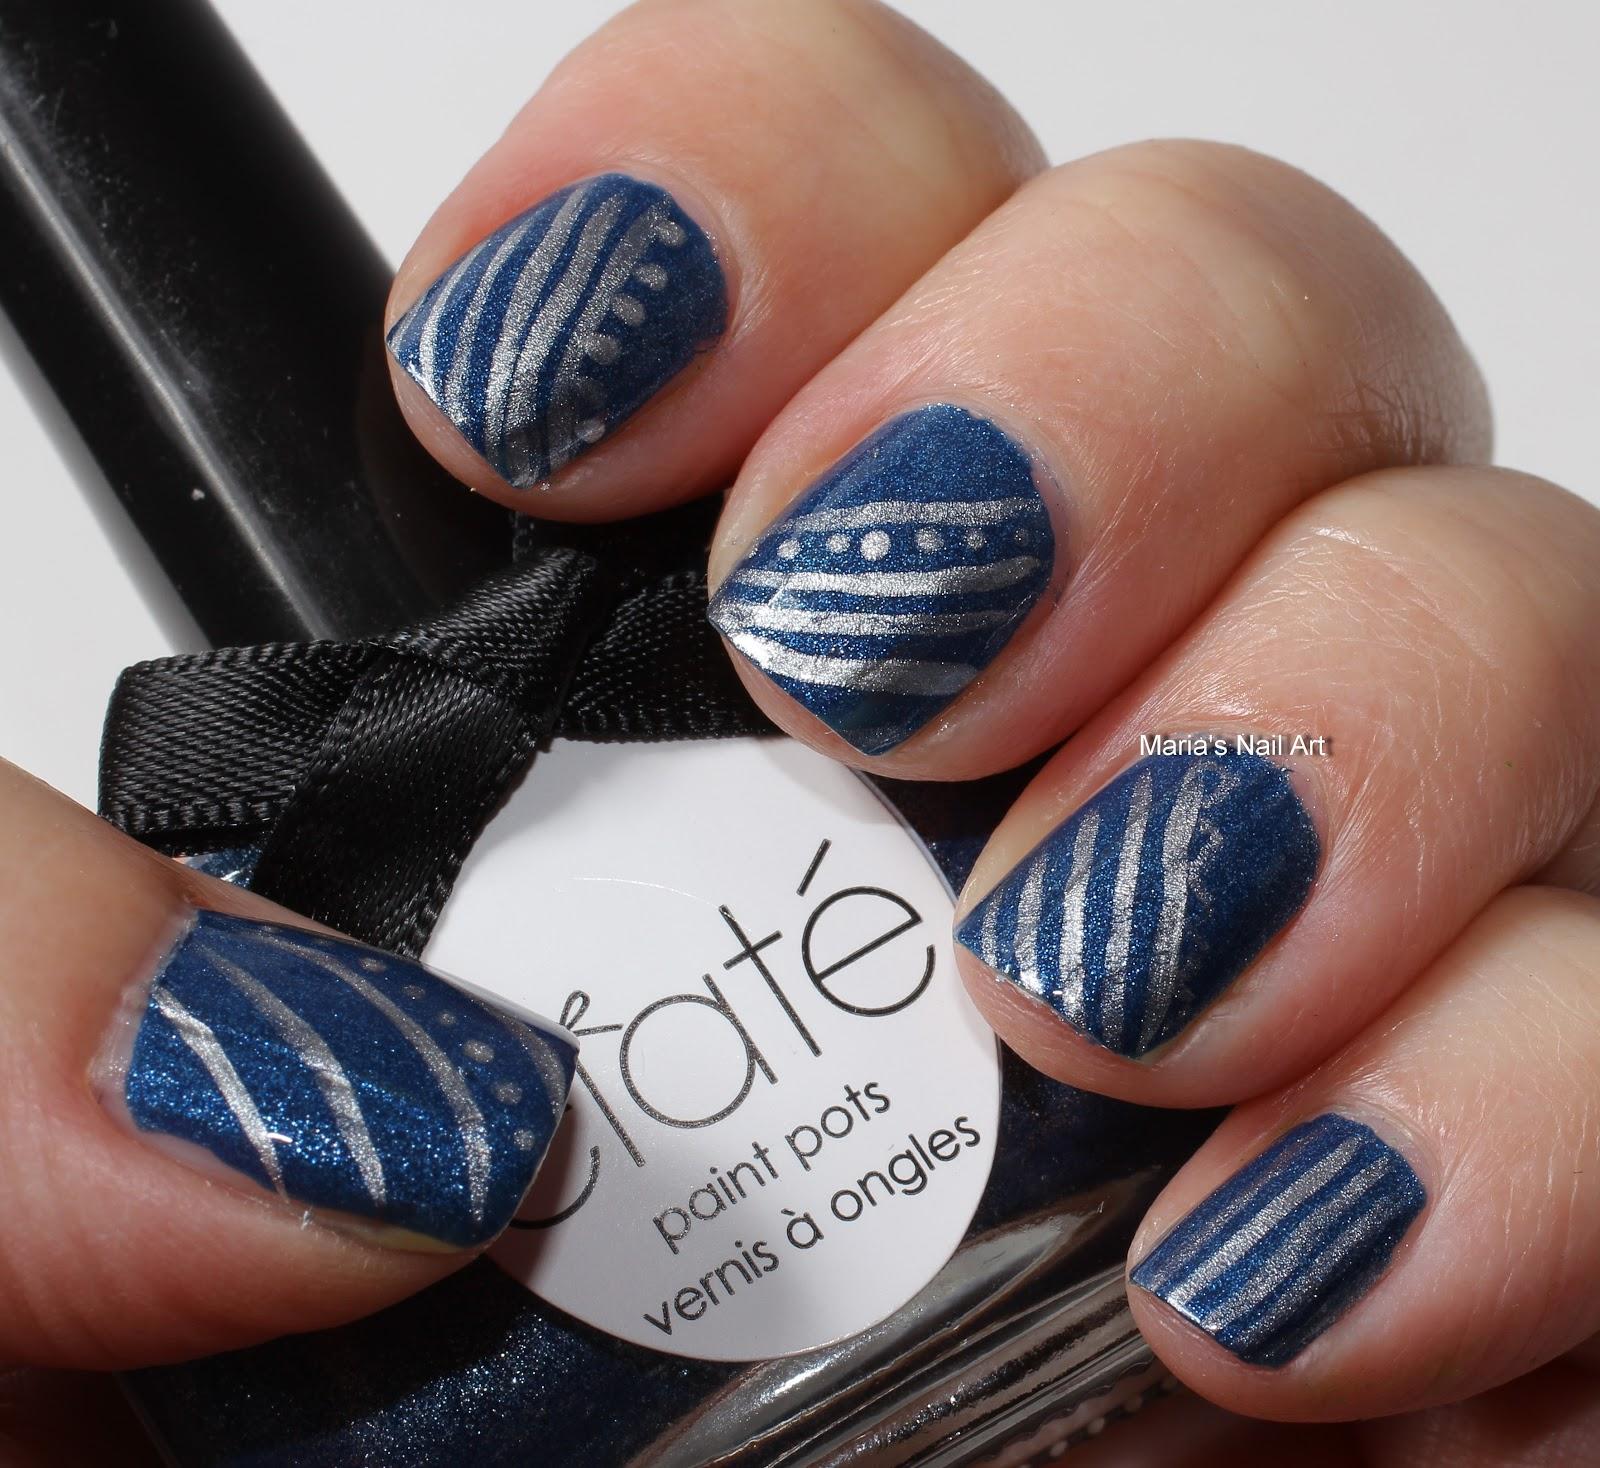 Marias Nail Art And Polish Blog: November 2012